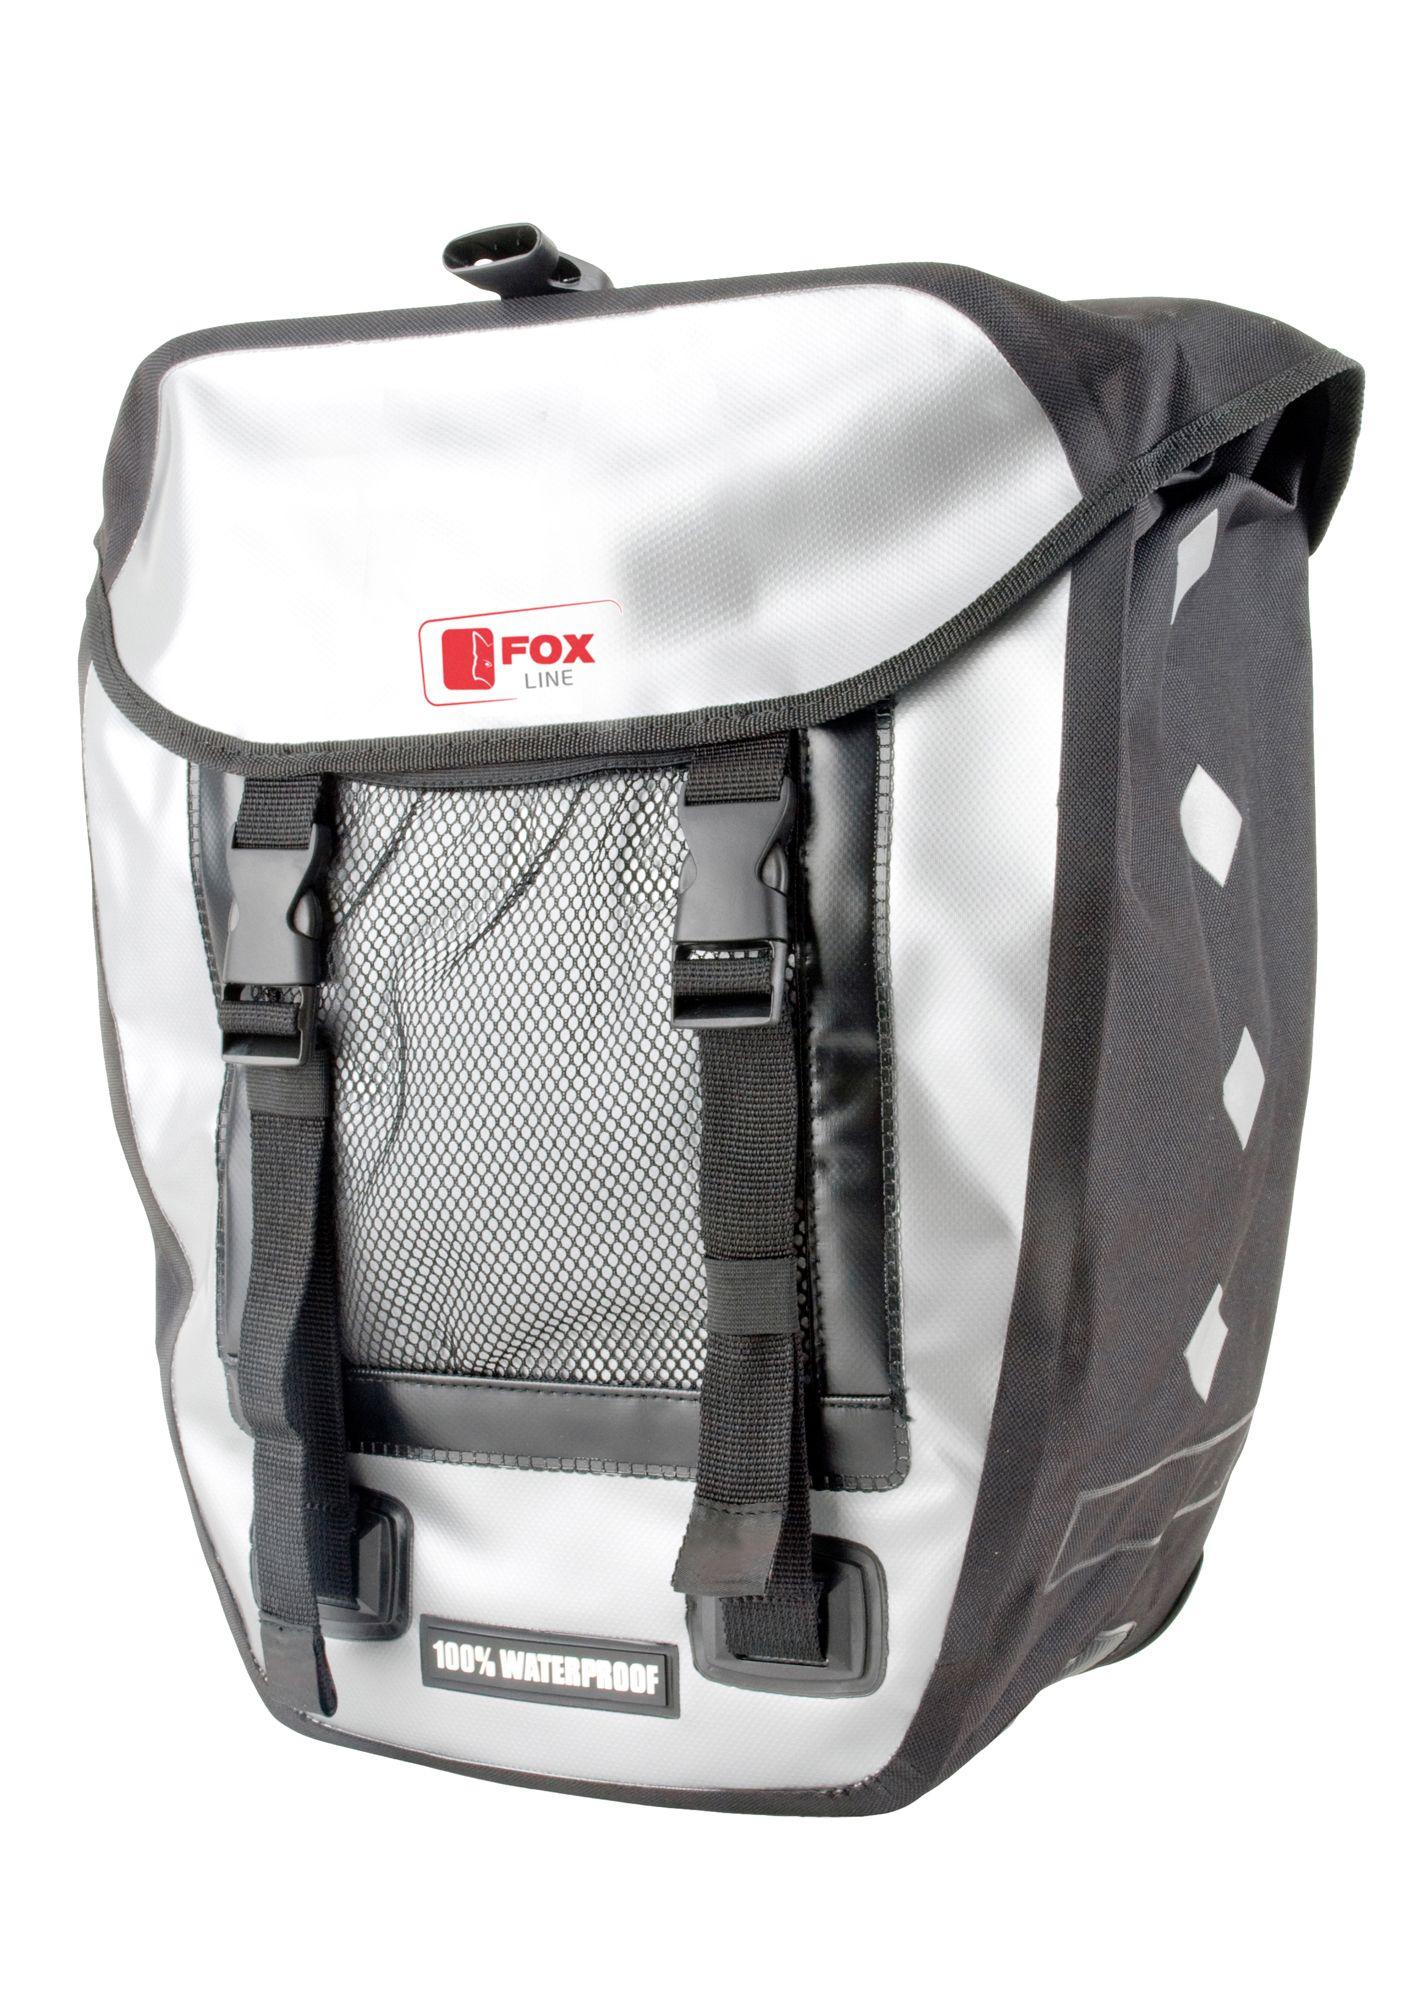 FOX LINE Fox Line Fahrradtasche für Gepäckträger. schwarz-grau